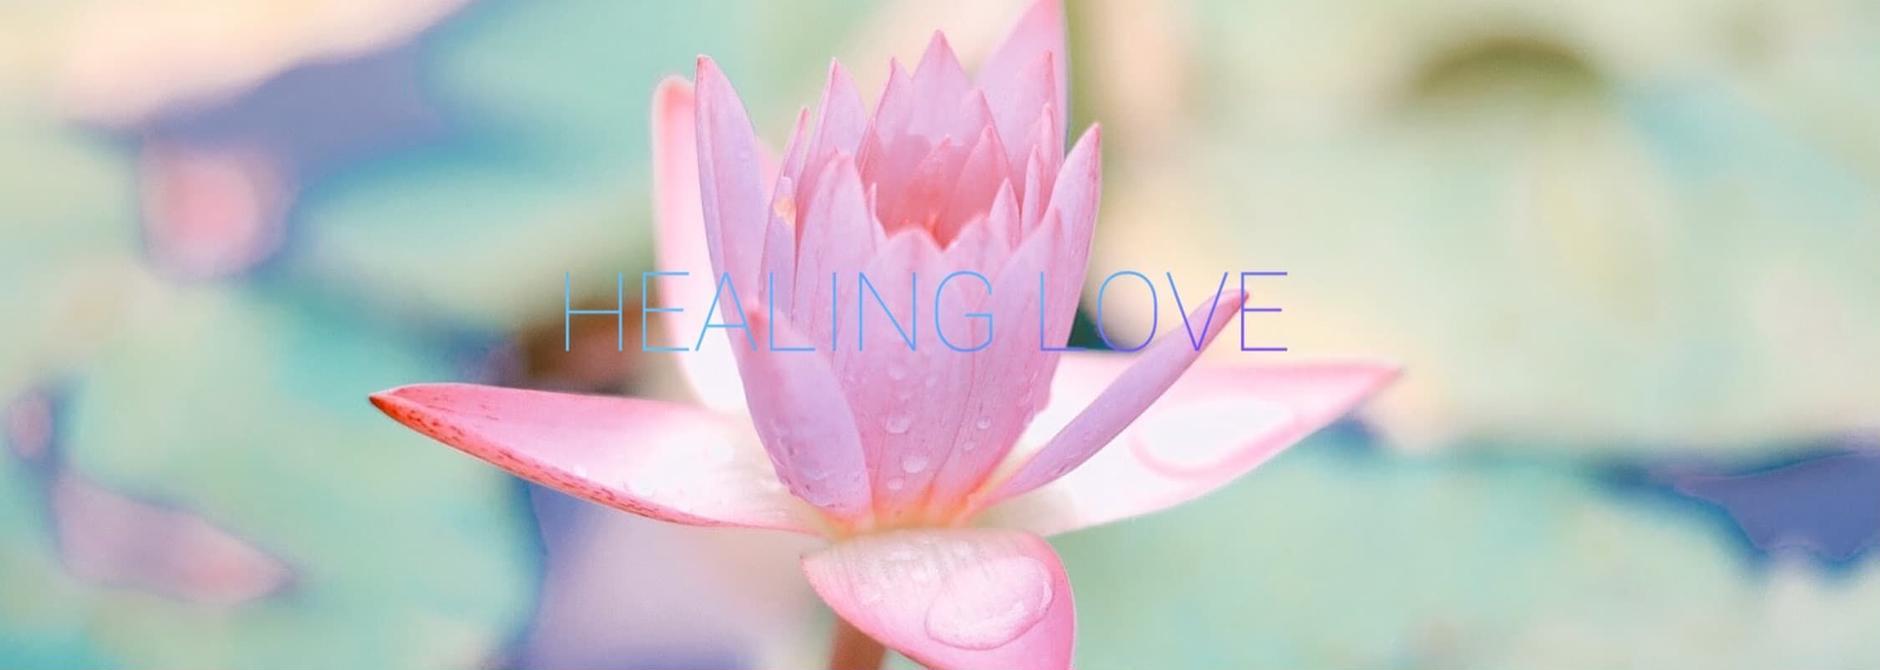 HEALING LOVE STORE